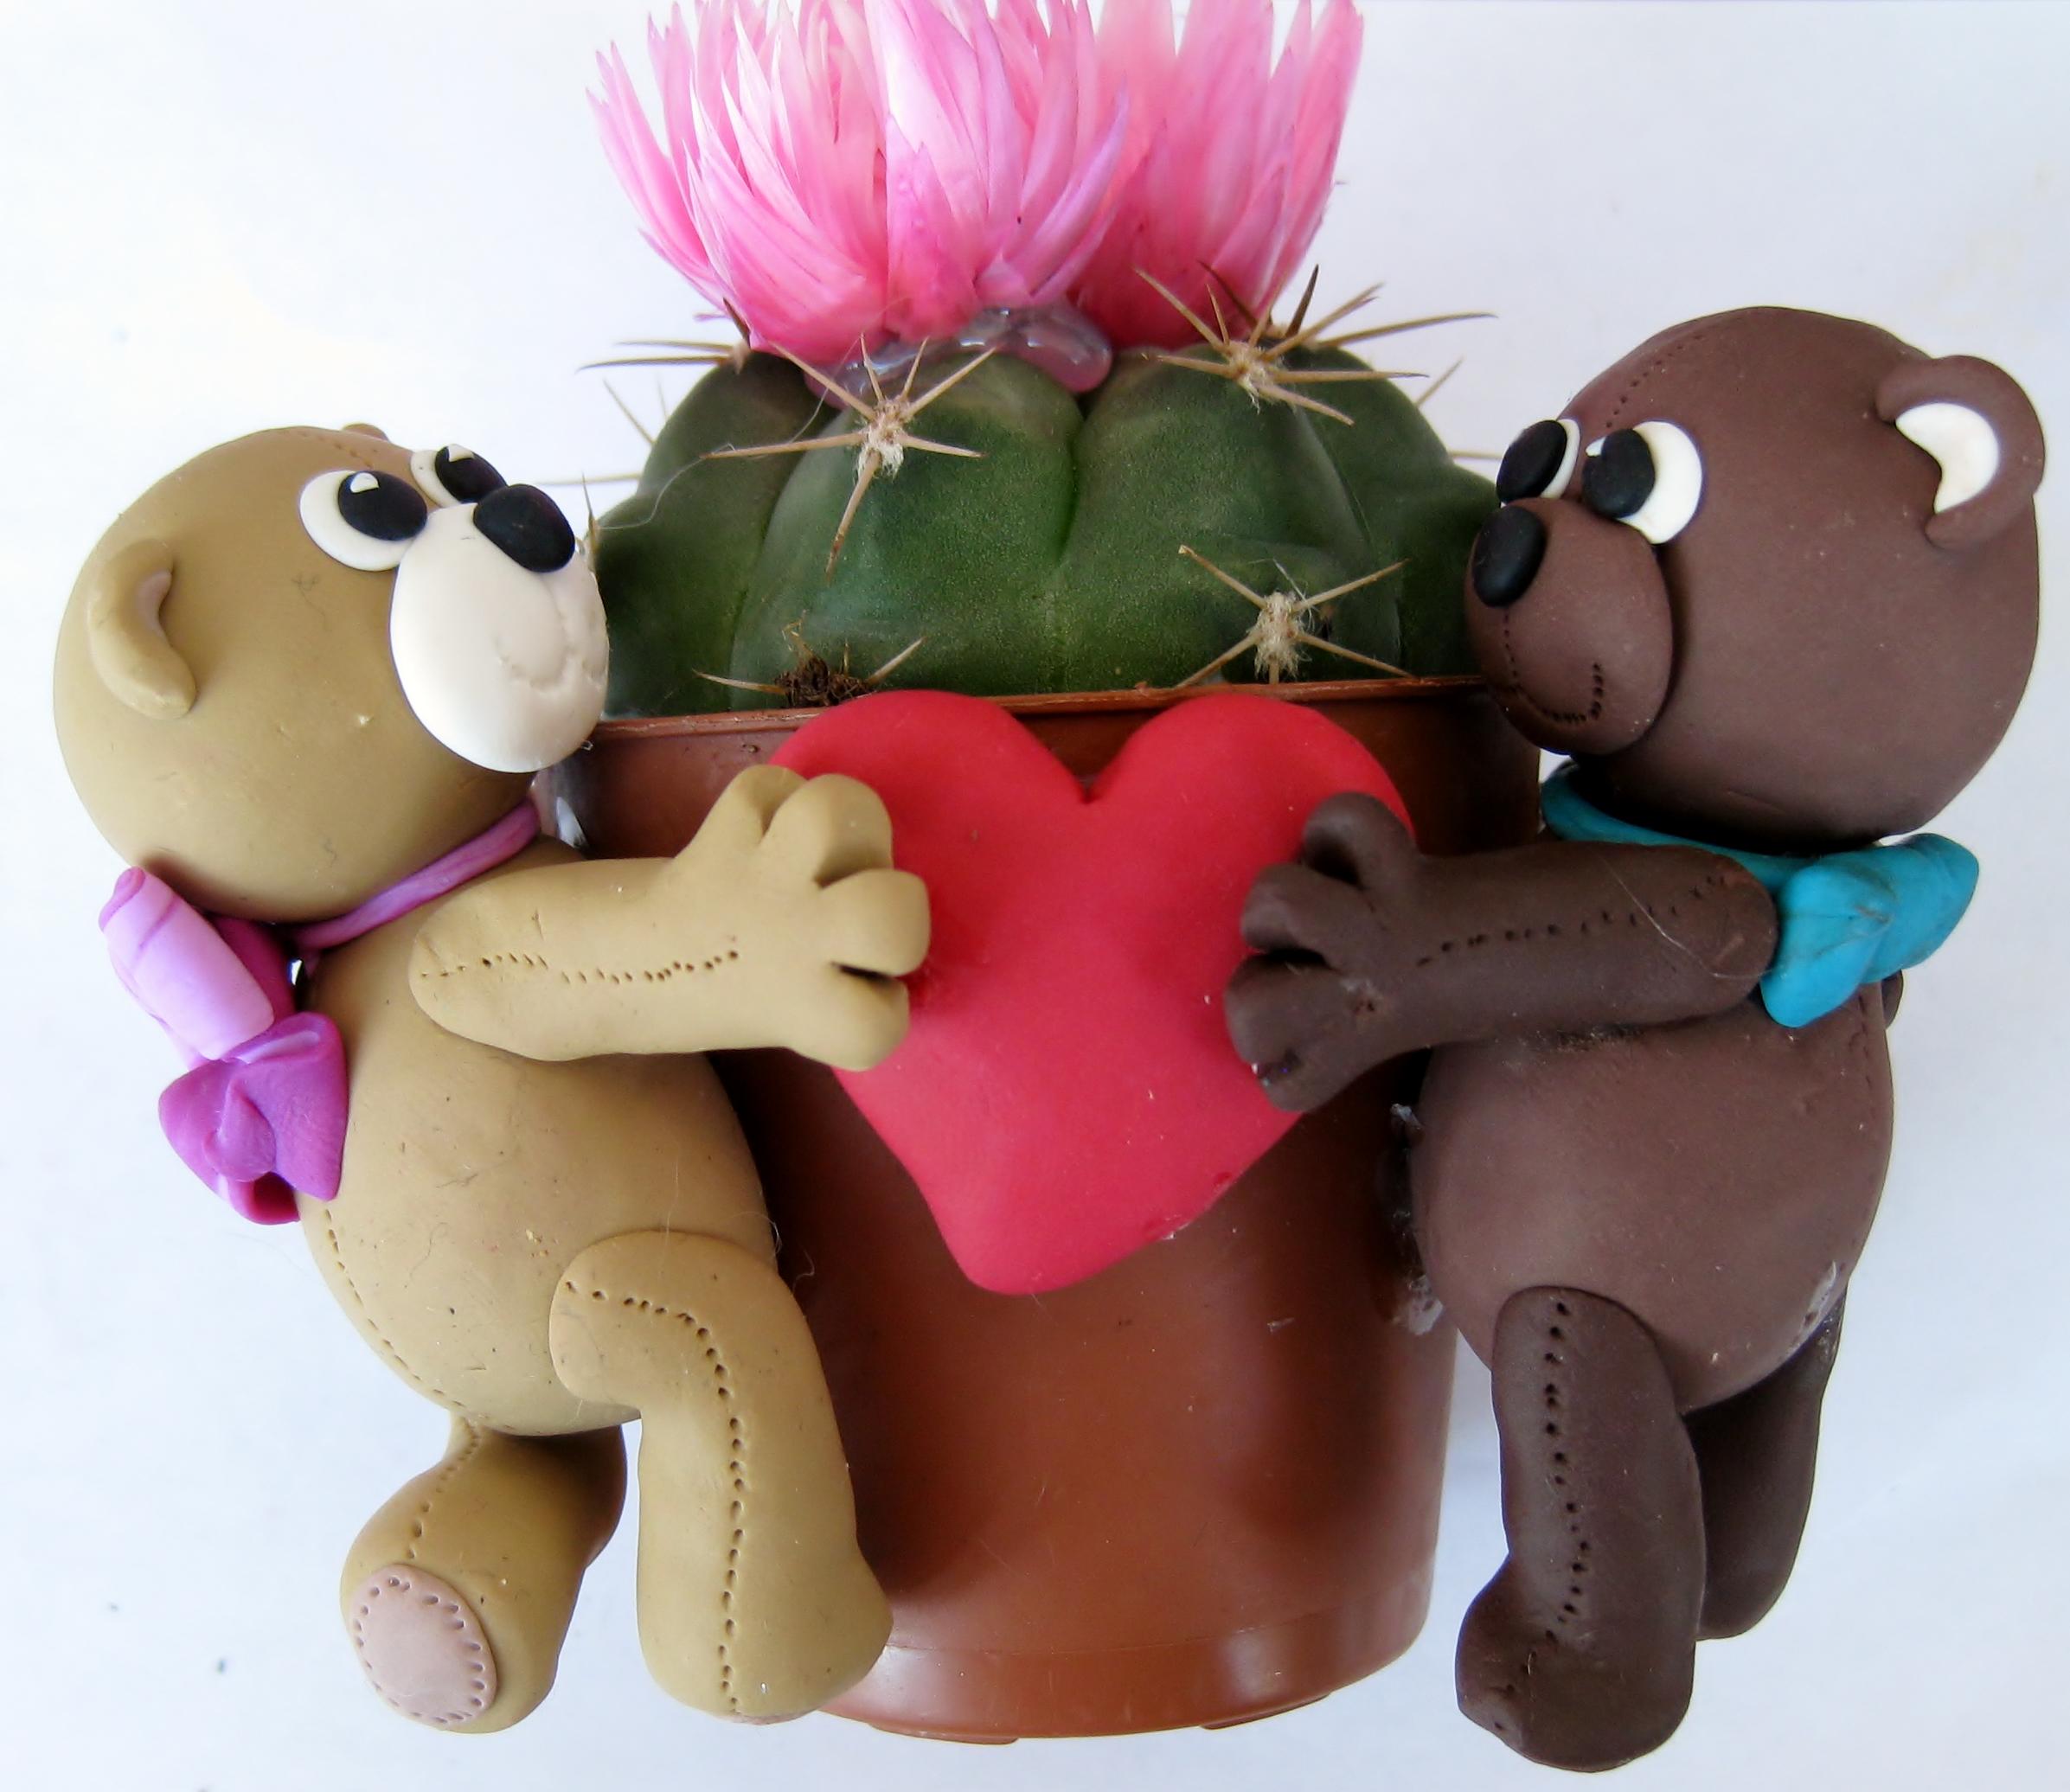 idee regalo per san Valentino, fatte a mano in fimo La bottega delle coccinelle